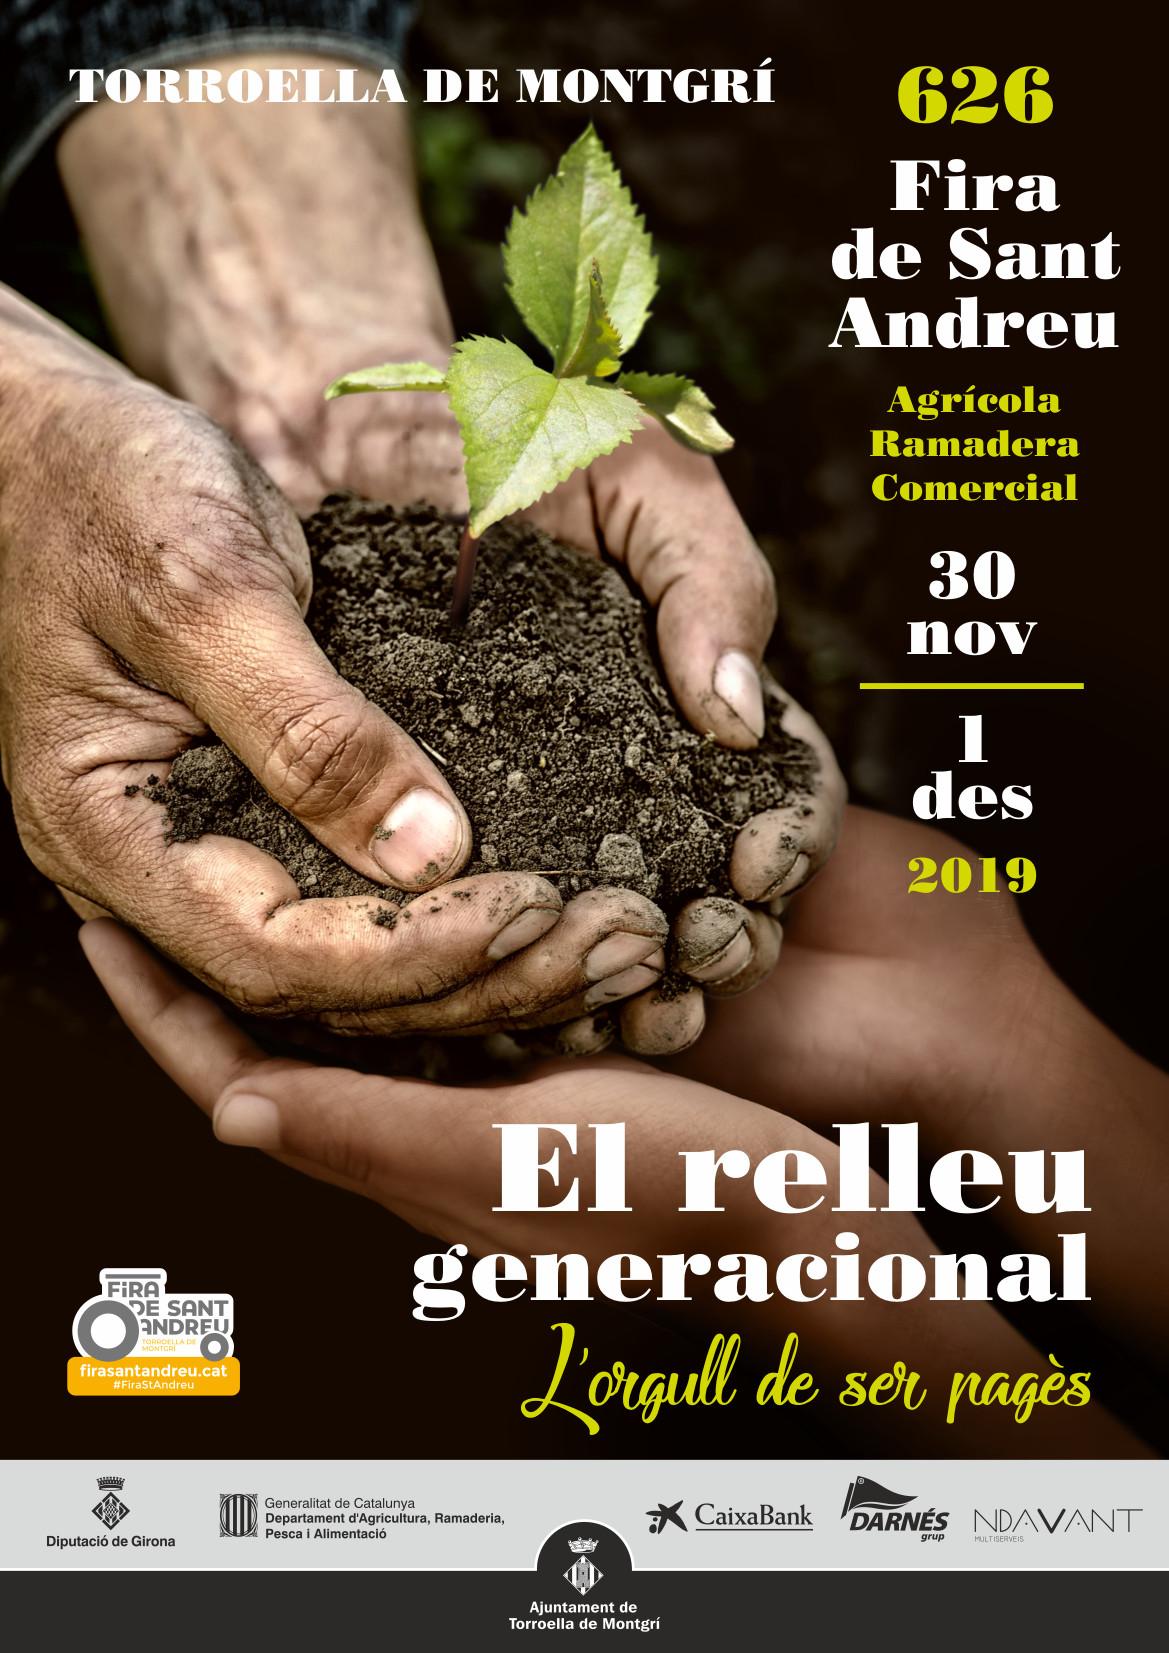 cartell fira sant andreu 2019 torroella